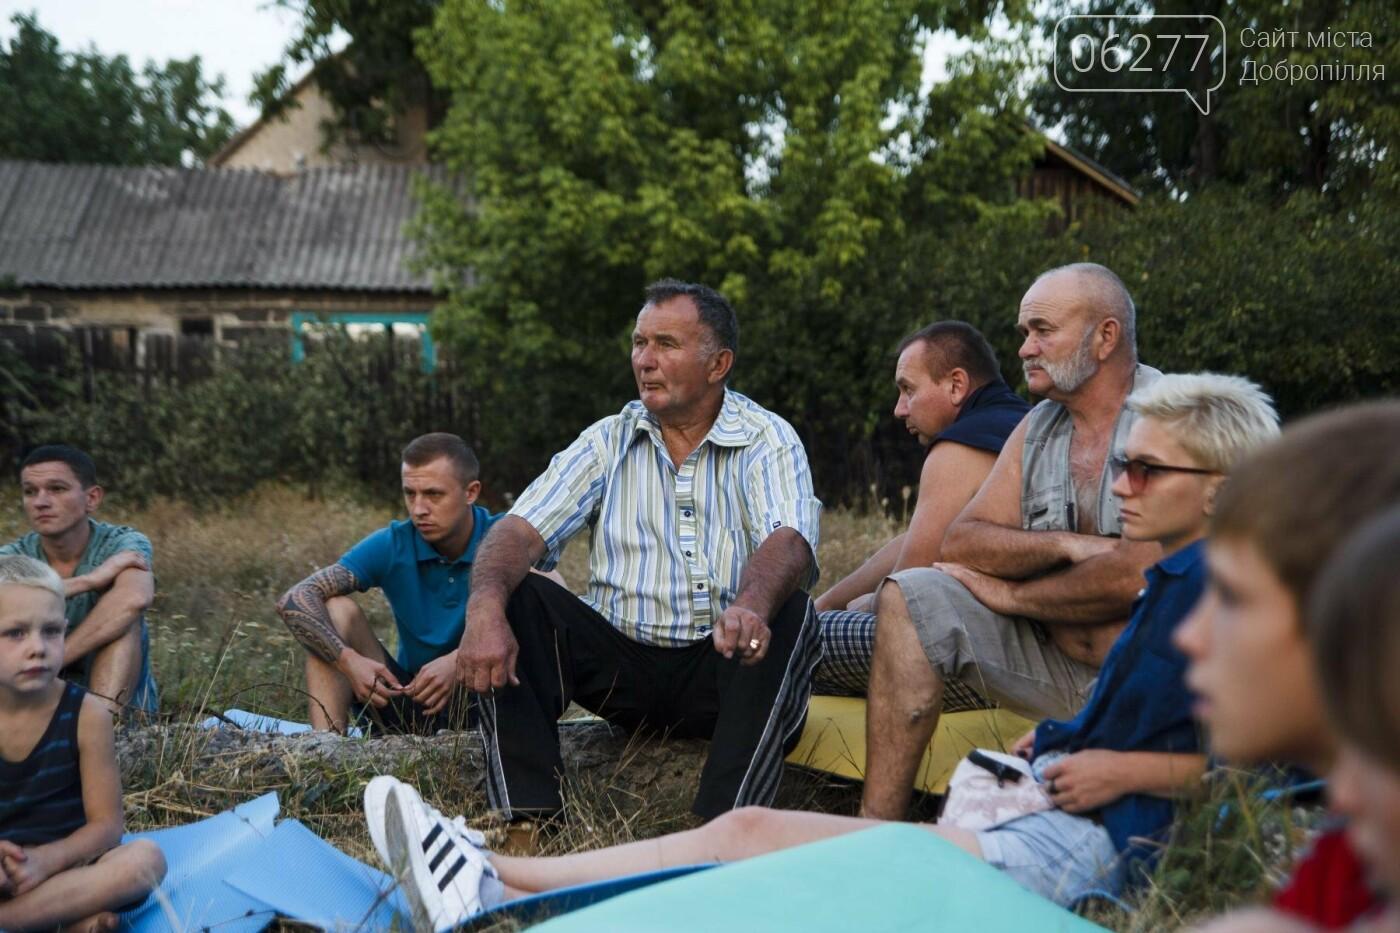 Розпочався етап проекту Метамісто:Схід у Добропіллі, фото-2